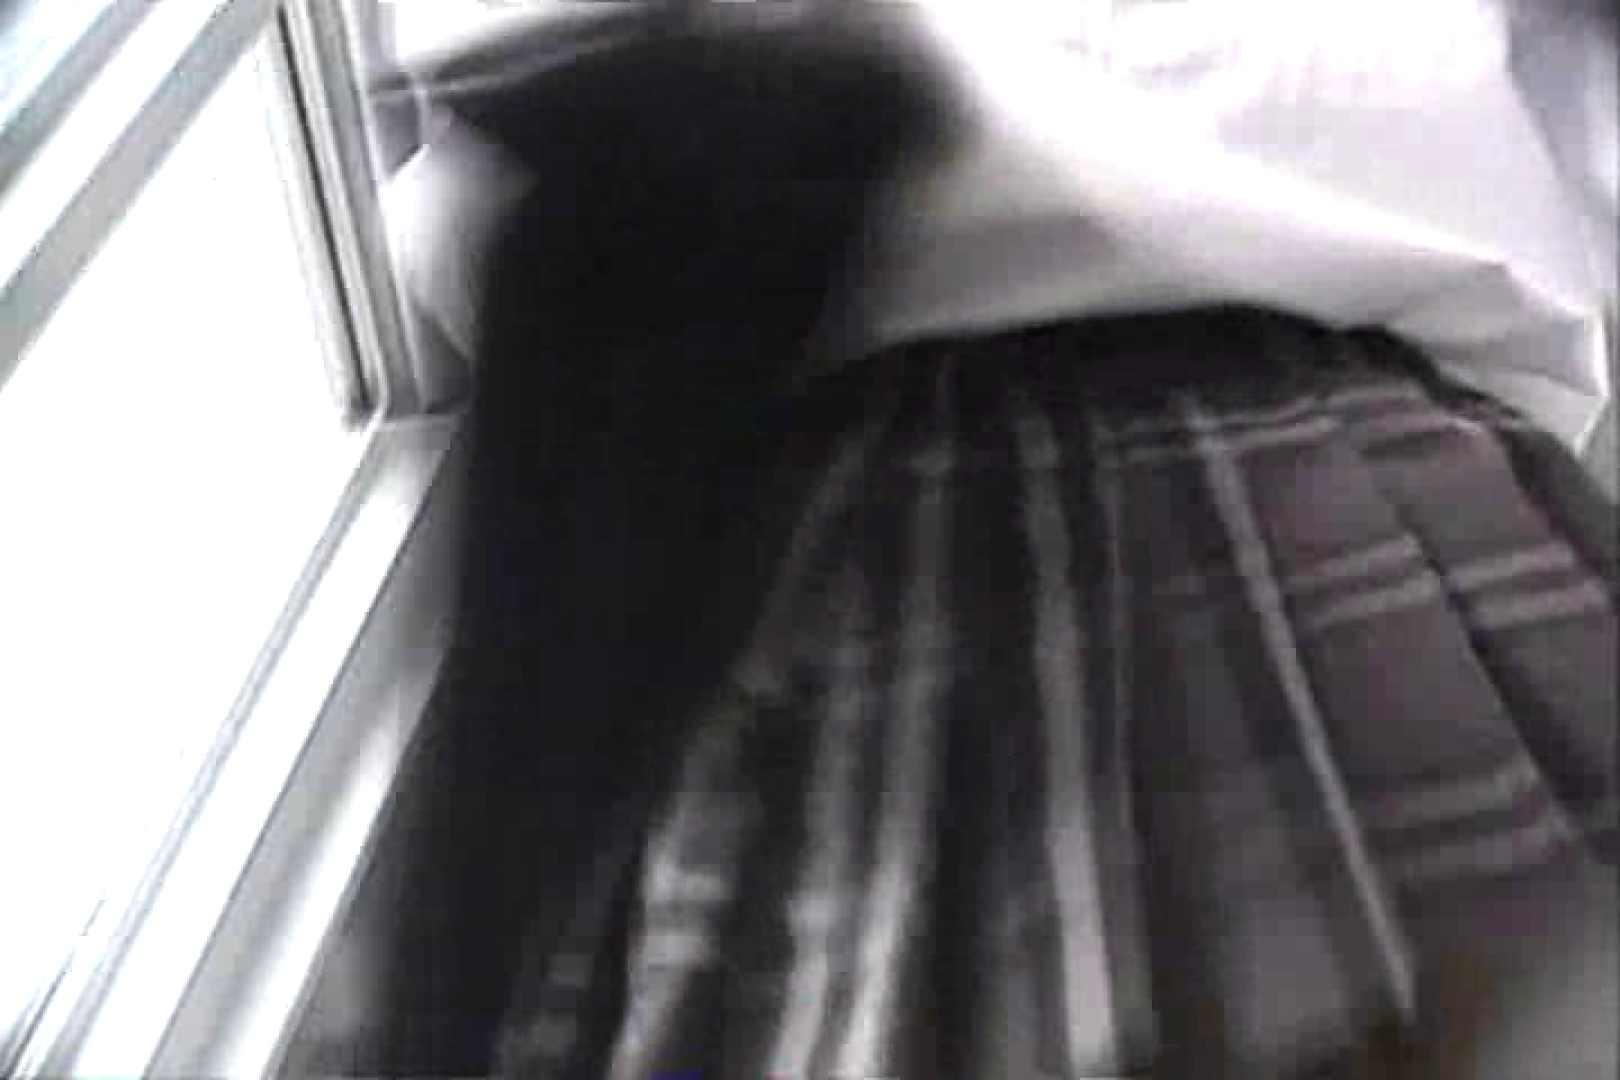 がぶりより!!ムレヌレパンツVol.2 OLセックス 隠し撮りオマンコ動画紹介 90画像 52